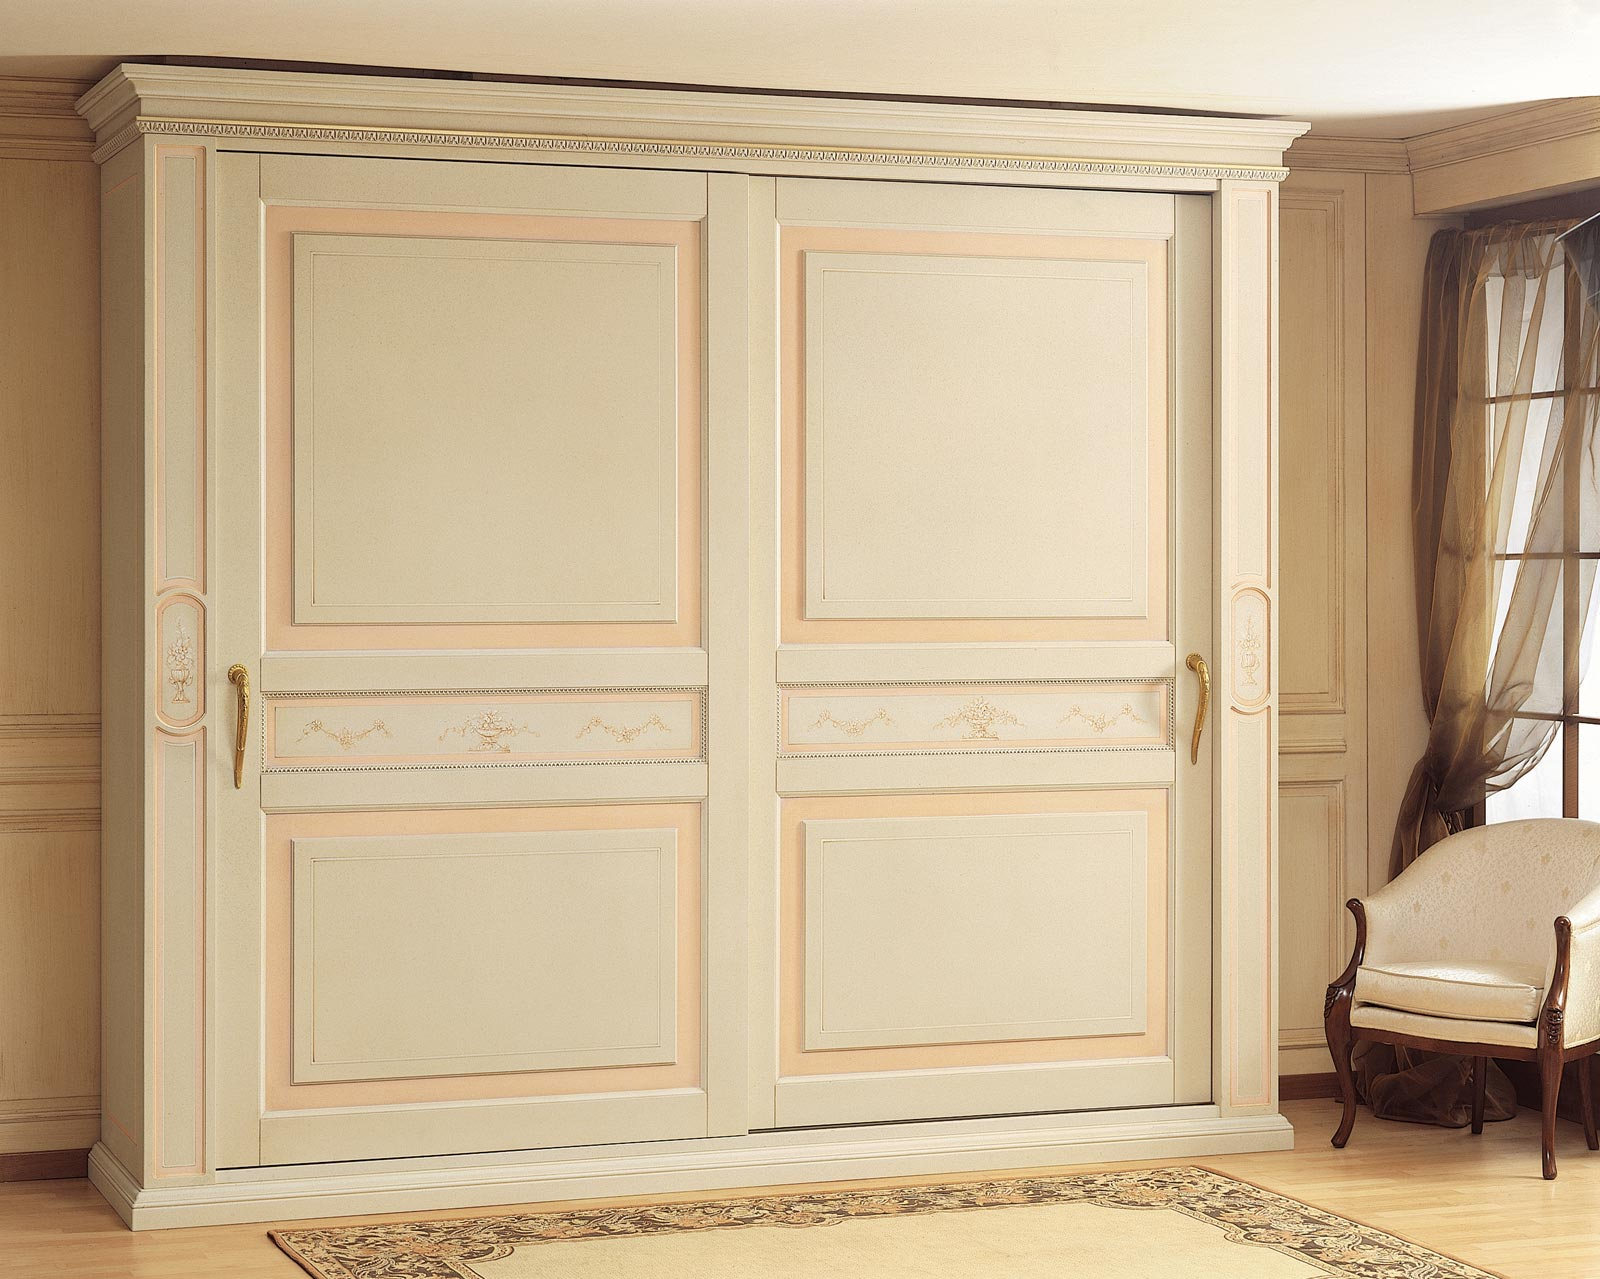 Armadio classico canova ante scorrevoli vimercati meda - Armadio camera da letto ante scorrevoli ...